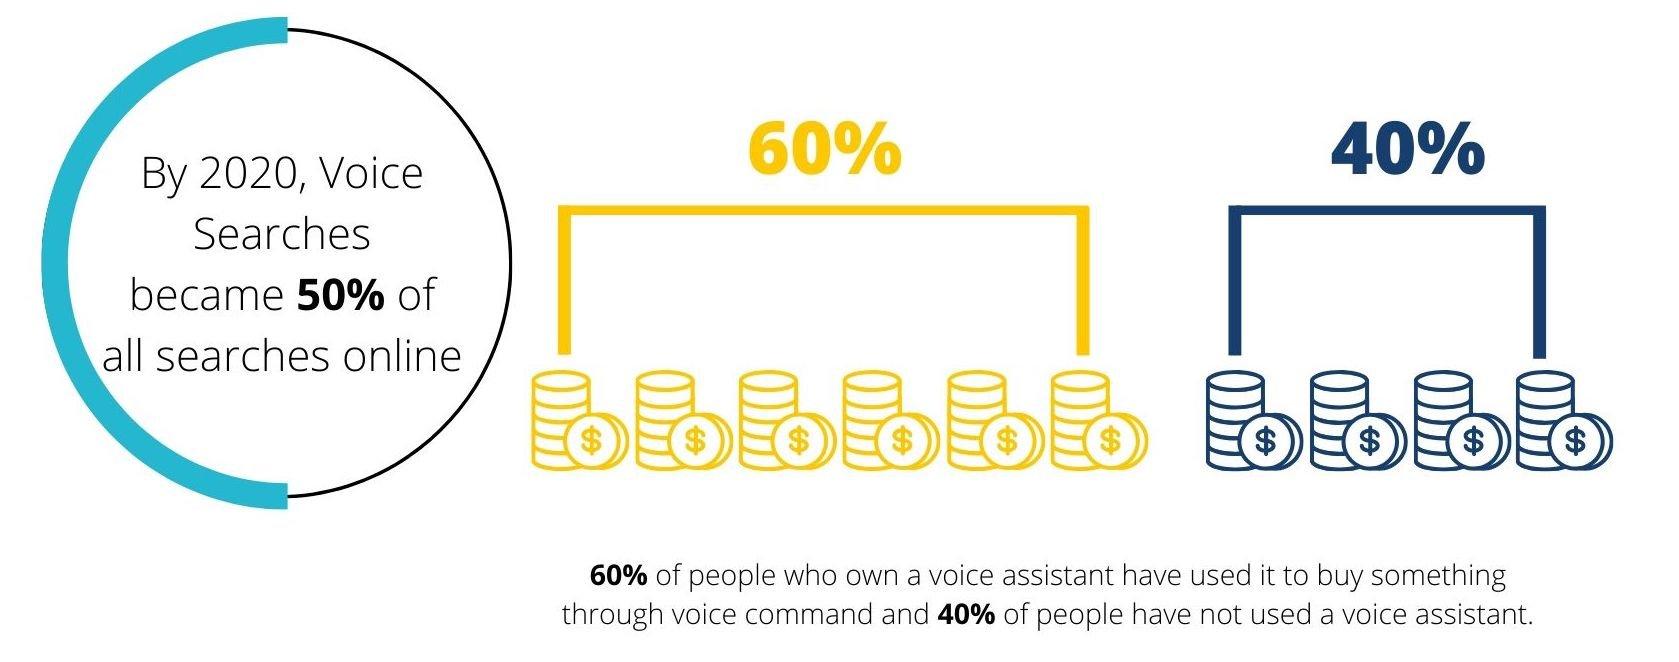 Voice Search Statistics E-commerce-1